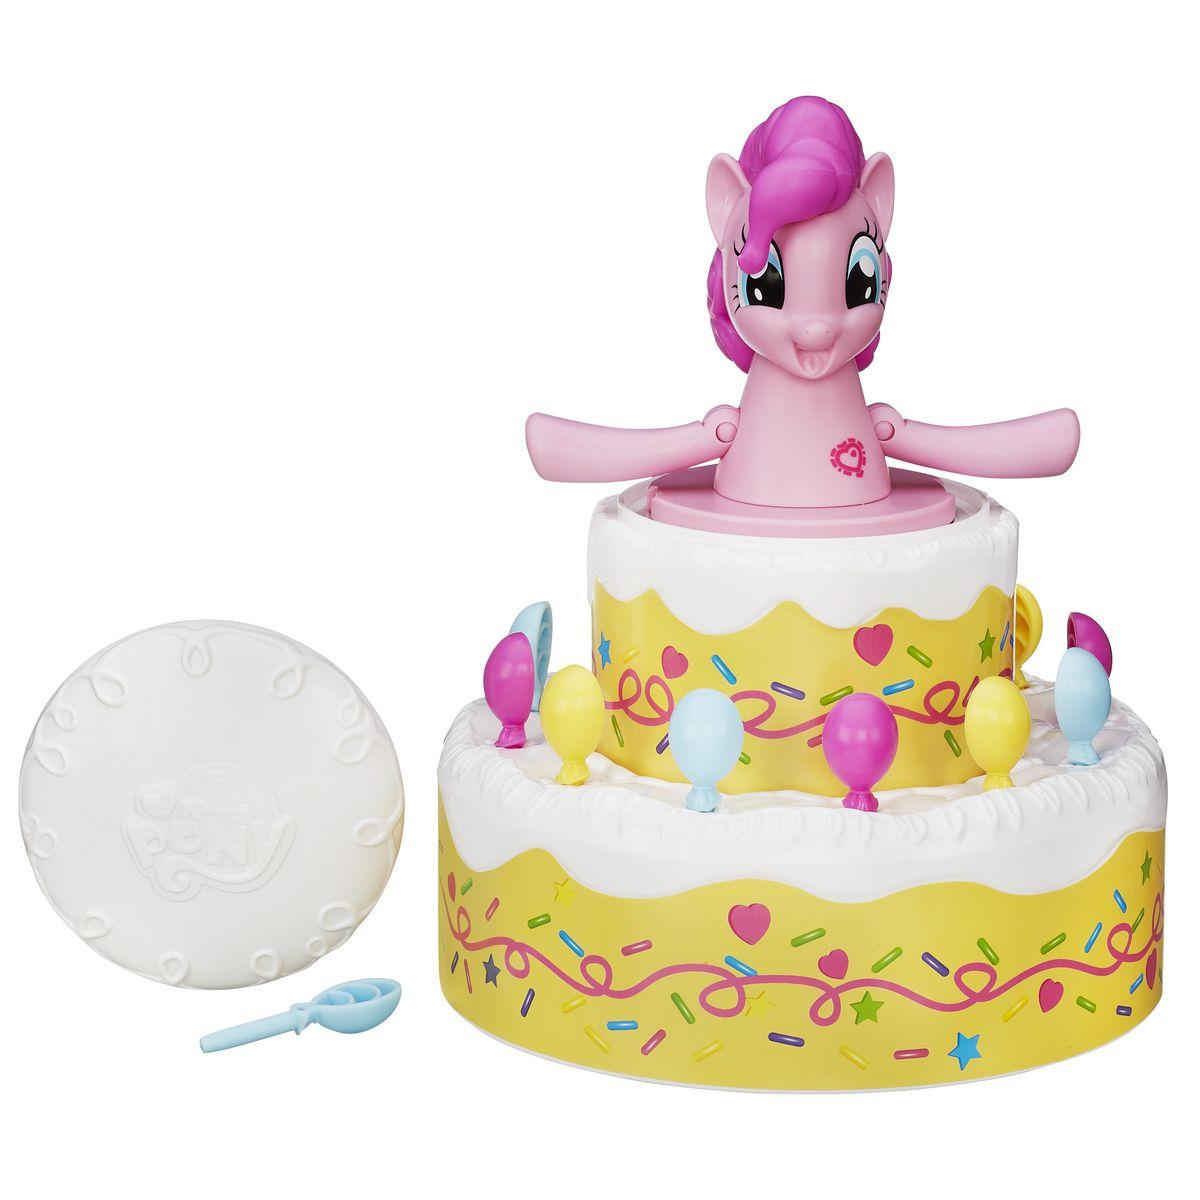 Hasbro Games Настольная игра Сюрприз Пинки Пай MY LITTLE PONYB2222EU4Игровой набор Playskool Сюрприз Пинки Пай обязательно порадует вашу малышку. Ничто так не приводит Пинки Пай в восторг, как вечеринка-сюрприз! В игре Пинки Пай вы можете по очереди украшать шариками торт, который она только что испекла. Чем больше вы его украшаете, тем приводите ее в больший восторг, и если она выпрыгивает из торта во время вашего хода, вы выигрываете! Когда вы закончили играть, вы можете сложить шарики под торт. Один сюрприз следует за другим в игре Пинки Пай! Механизм игрушки устроен таким образом, что невозможно предугадать, в какое отверстие нужно вставить палочку, чтобы Пинки выскочила, так что результат игры непредсказуем. Игра пробуждает нешуточный азарт и способна занять на долгие часы. Помогите Пинки Пай украсить торт шариками, а взамен она покажет вам, что значит по-настоящему развлекаться! Игра содержит 1 фигурку Пинки Пай, 2 секции торта, 12 украшений для торта, 1 крышку и инструкцию.